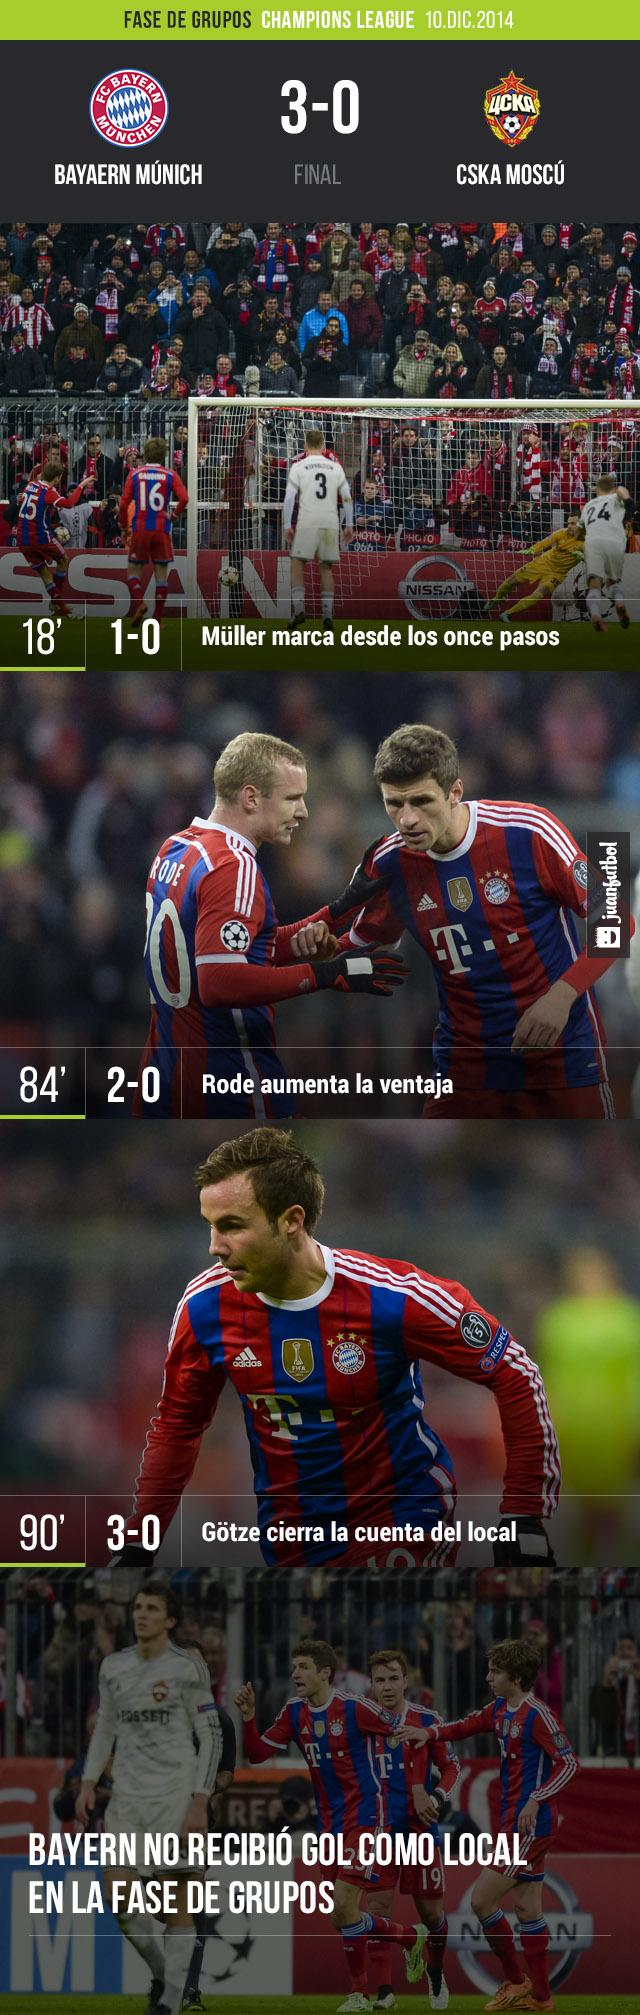 Bayern Múnich no tuvo ningún problema para derrotar al CSKA en duelo de trámite. Los bávaros están en octavos como primeros de gurpo.